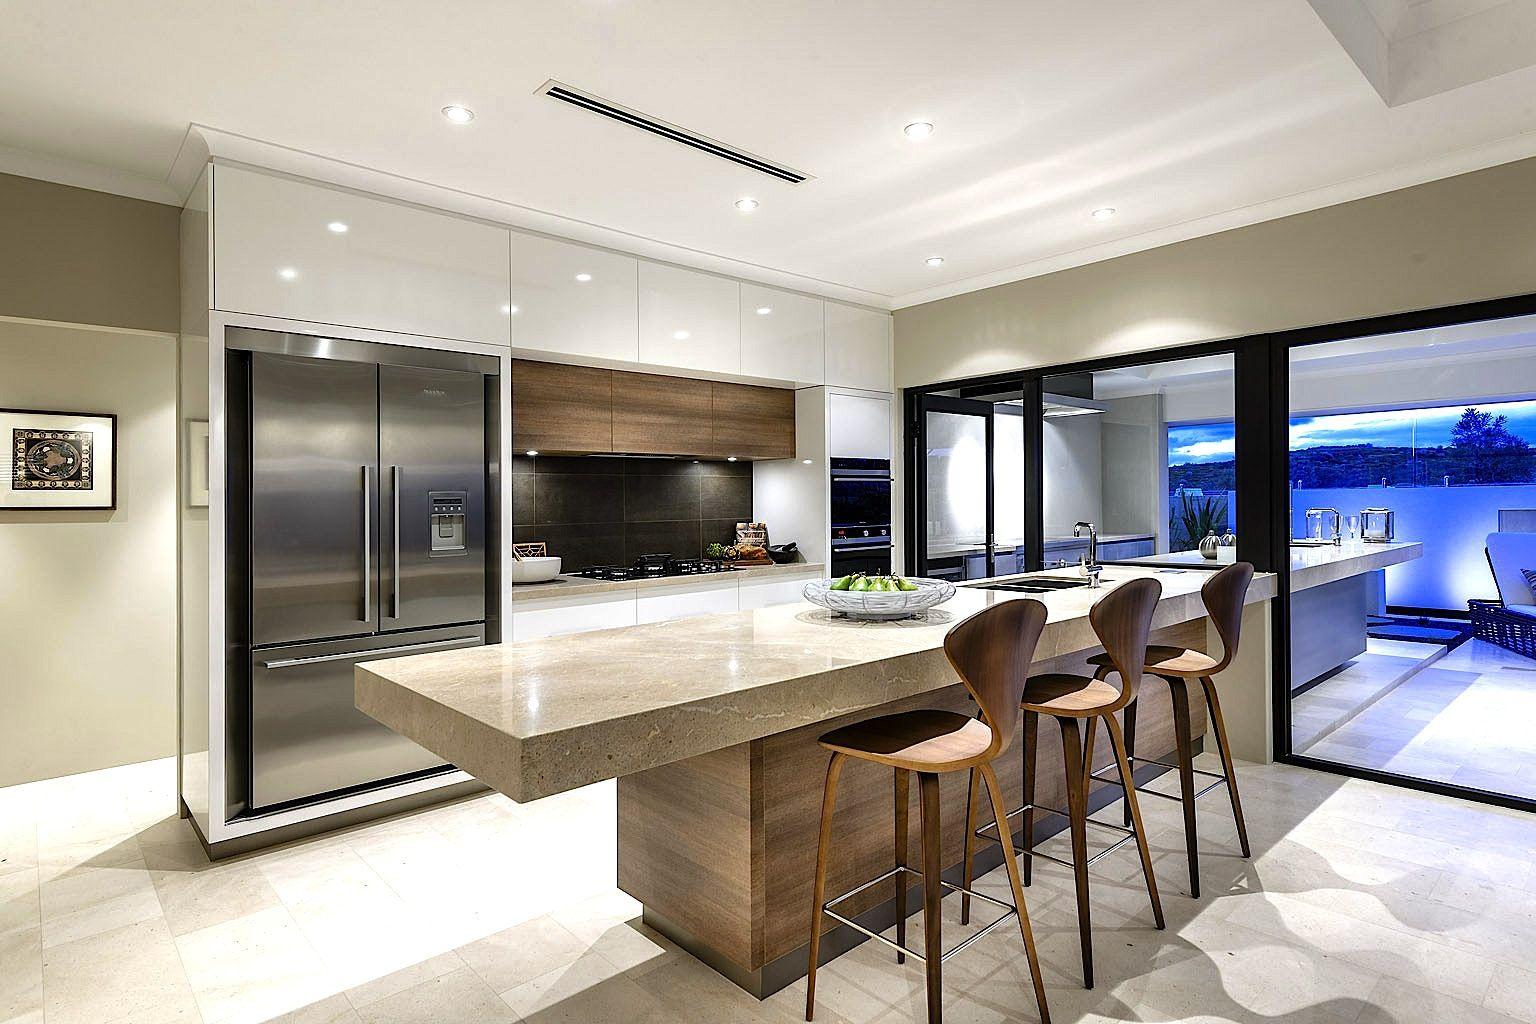 Beautiful Modern Kitchen Cocina De Ensueno Interior De Cocina Diseno De Cocina